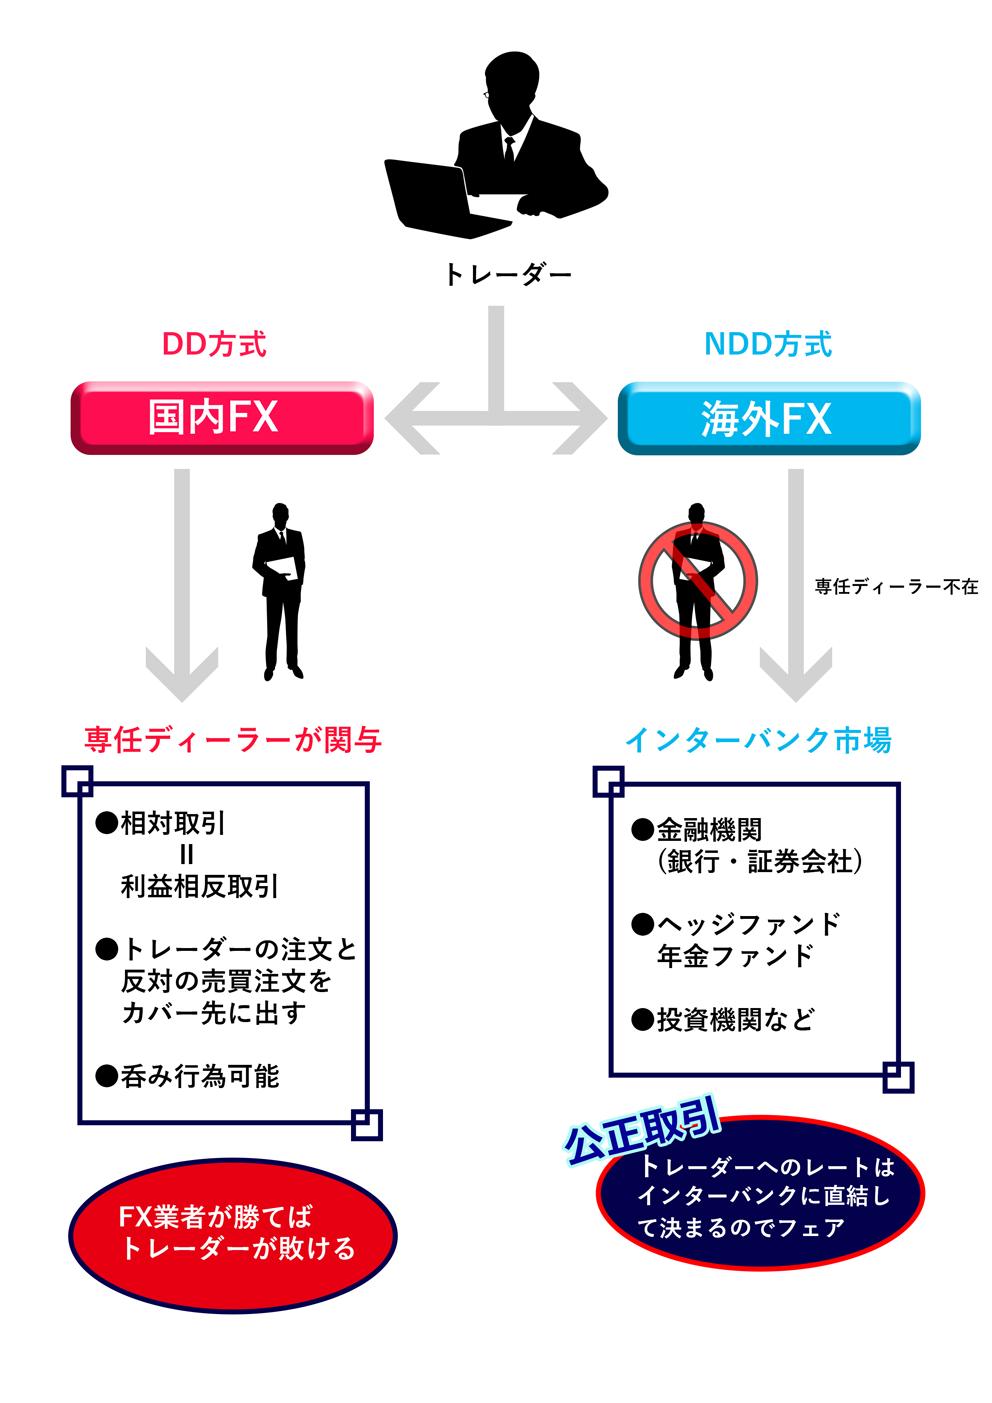 FX_DD方式orNDD方式